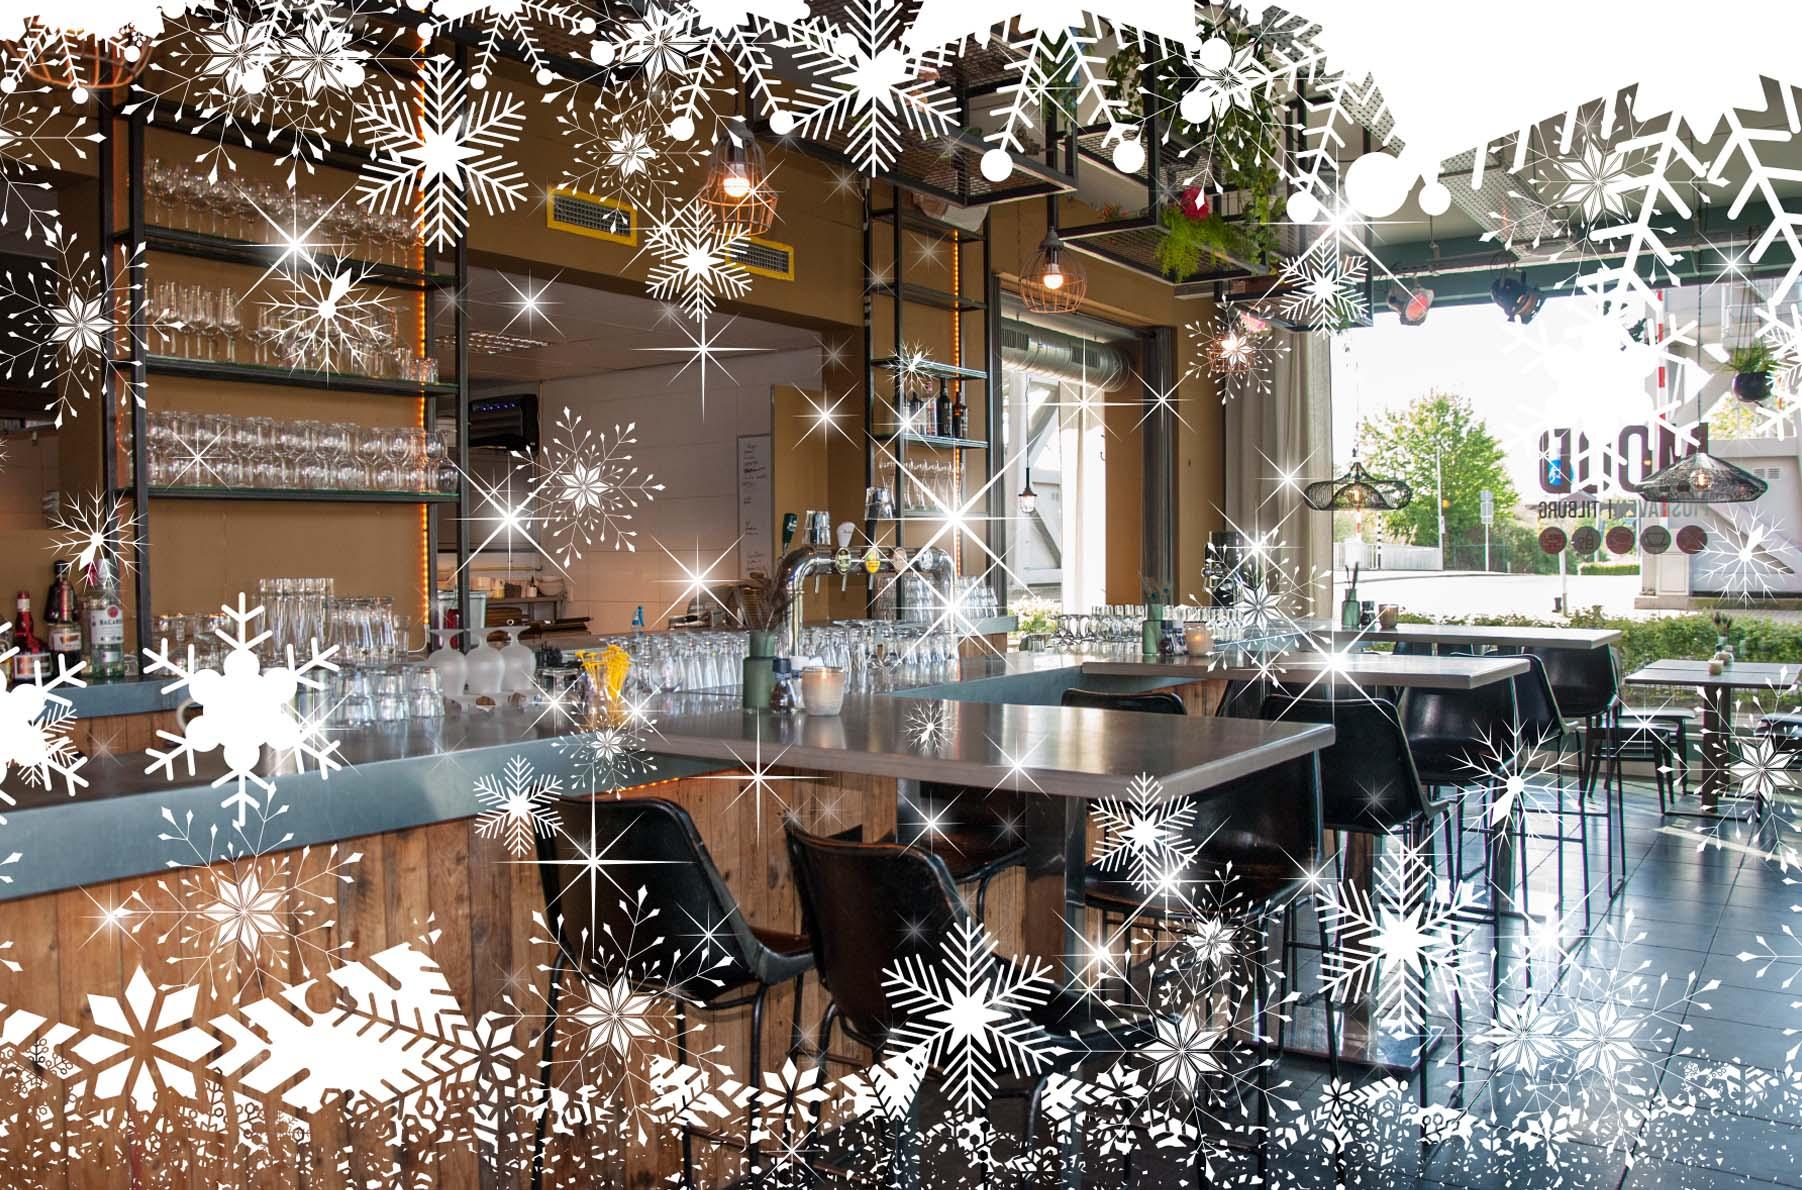 Kerst diner bij GOOD | MOOD Tilburg aan de piushaven.